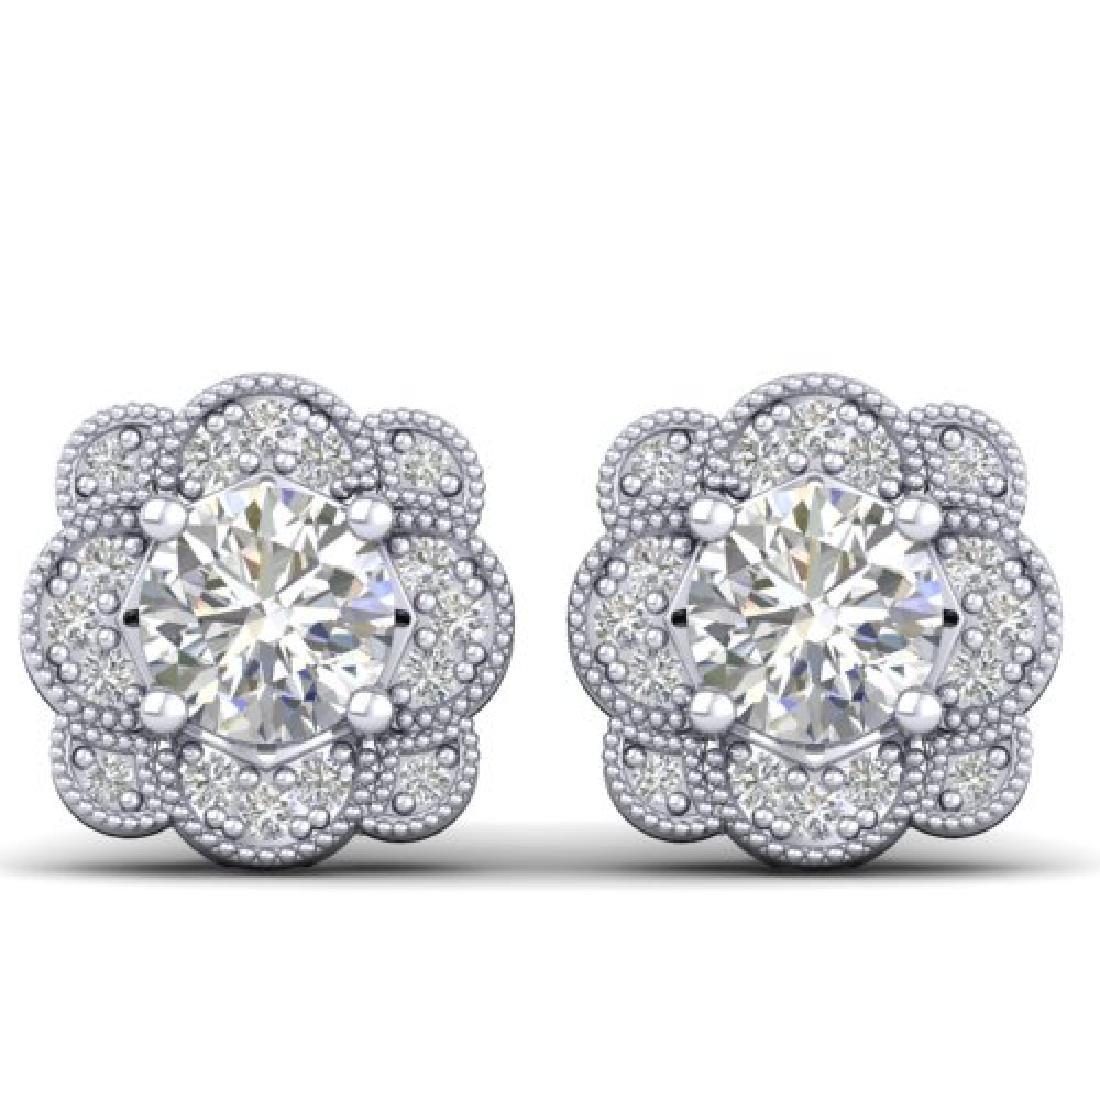 1.5 CTW Certified VS/SI Diamond Art Deco Stud Earrings